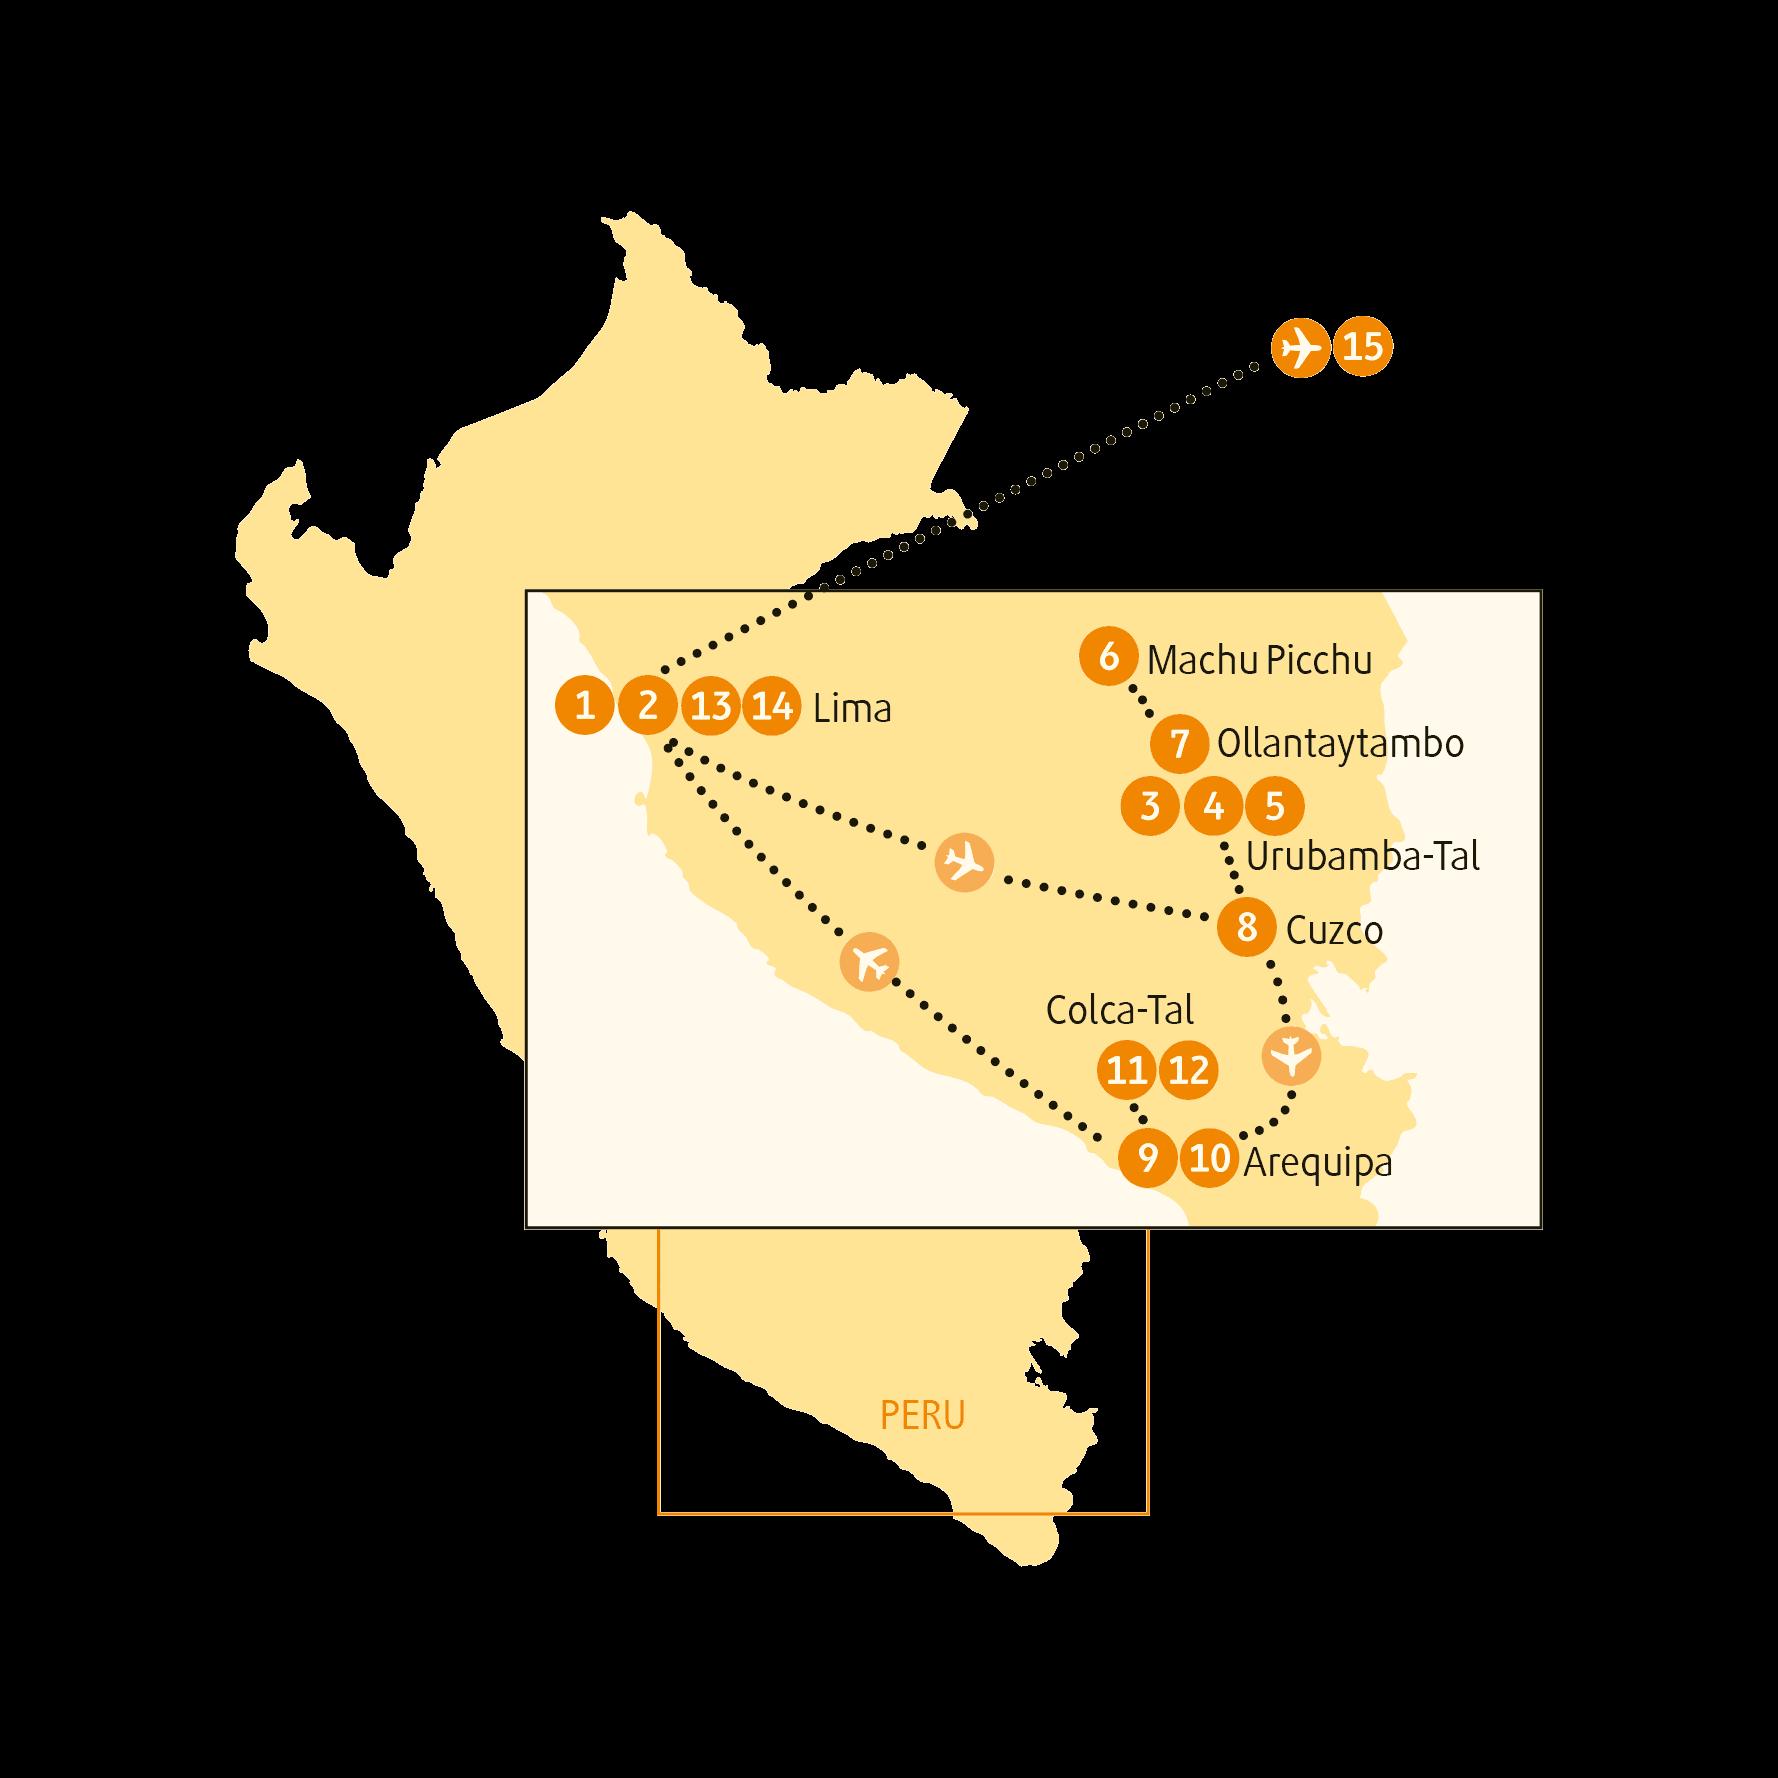 Reiseroute Urubamba Entspannt C Chamaleon Reisen Chamaleon Peru